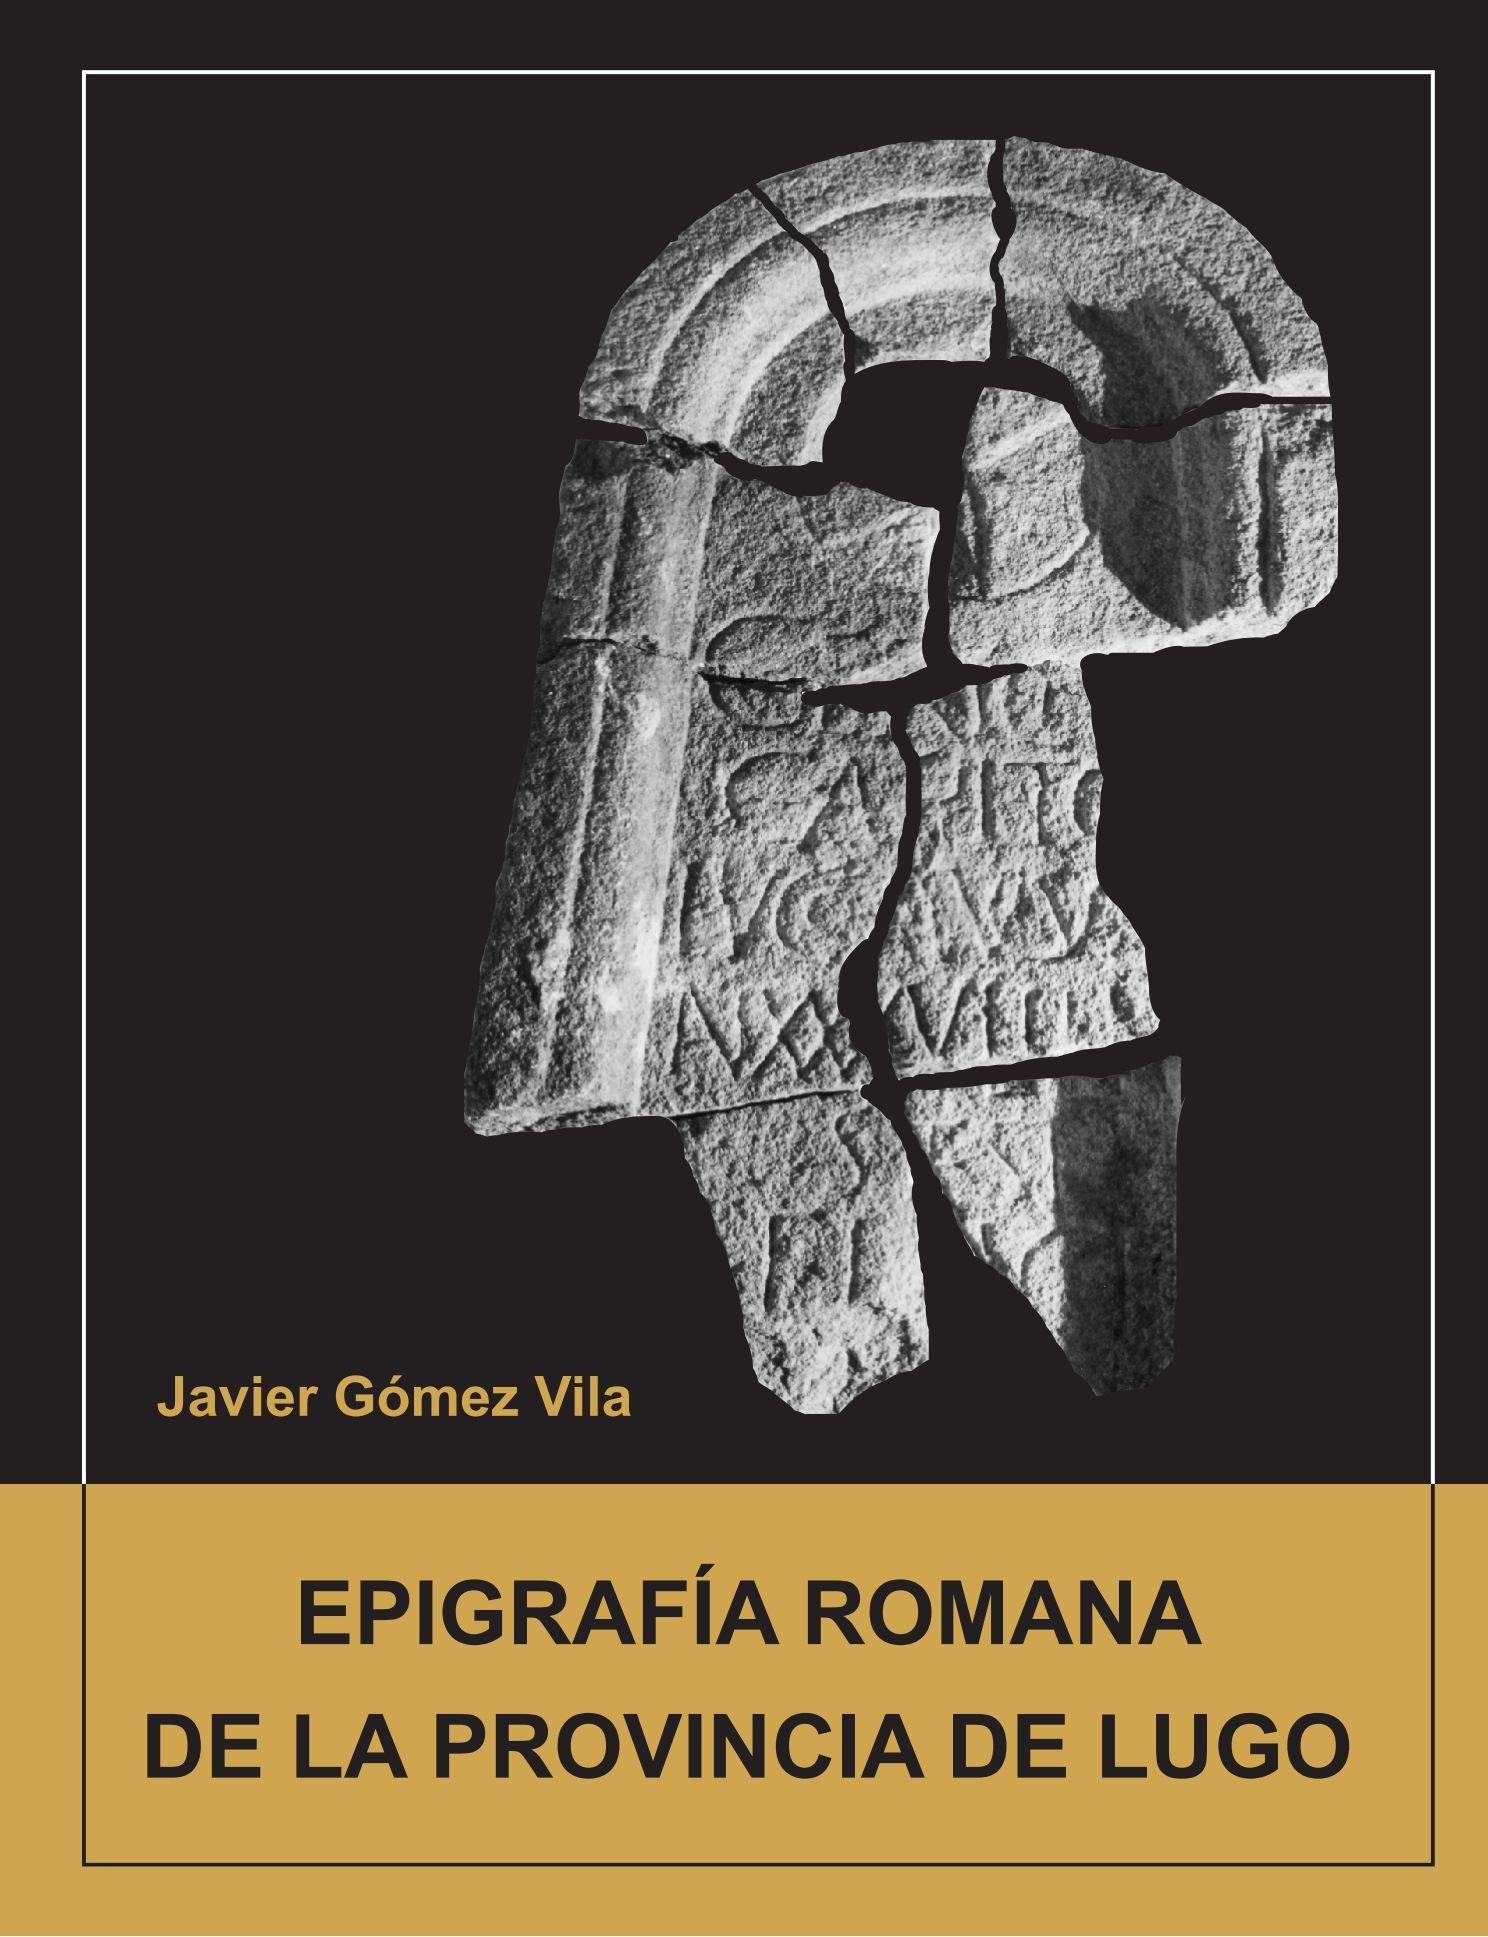 Epigrafia Romana De La Provincia De Lugo: Amazon.es: Javier ...